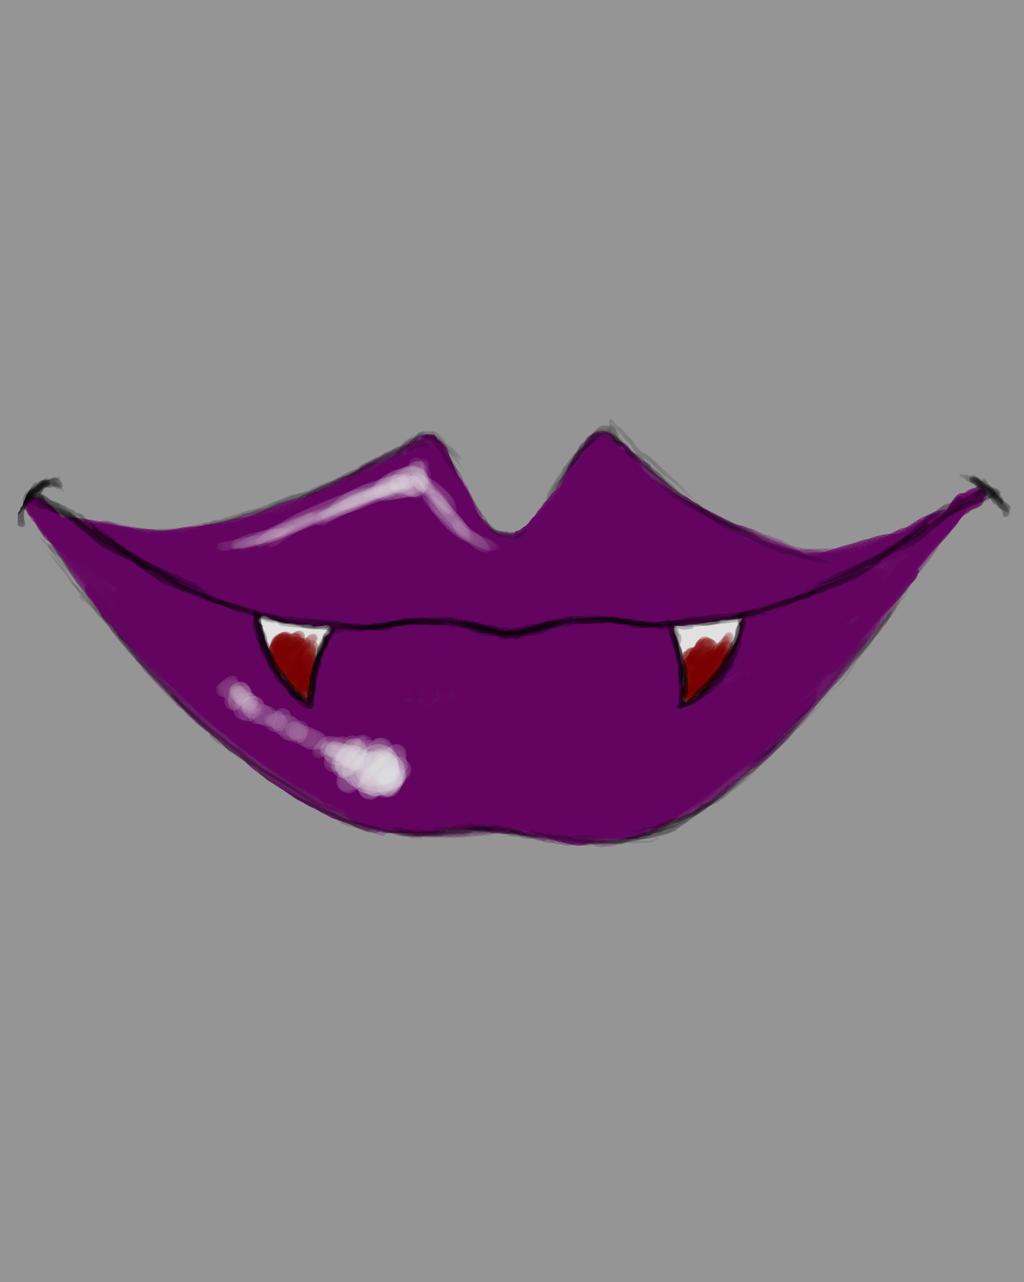 Vamp Lips Daily sketch #697 by GothicVampireFreak